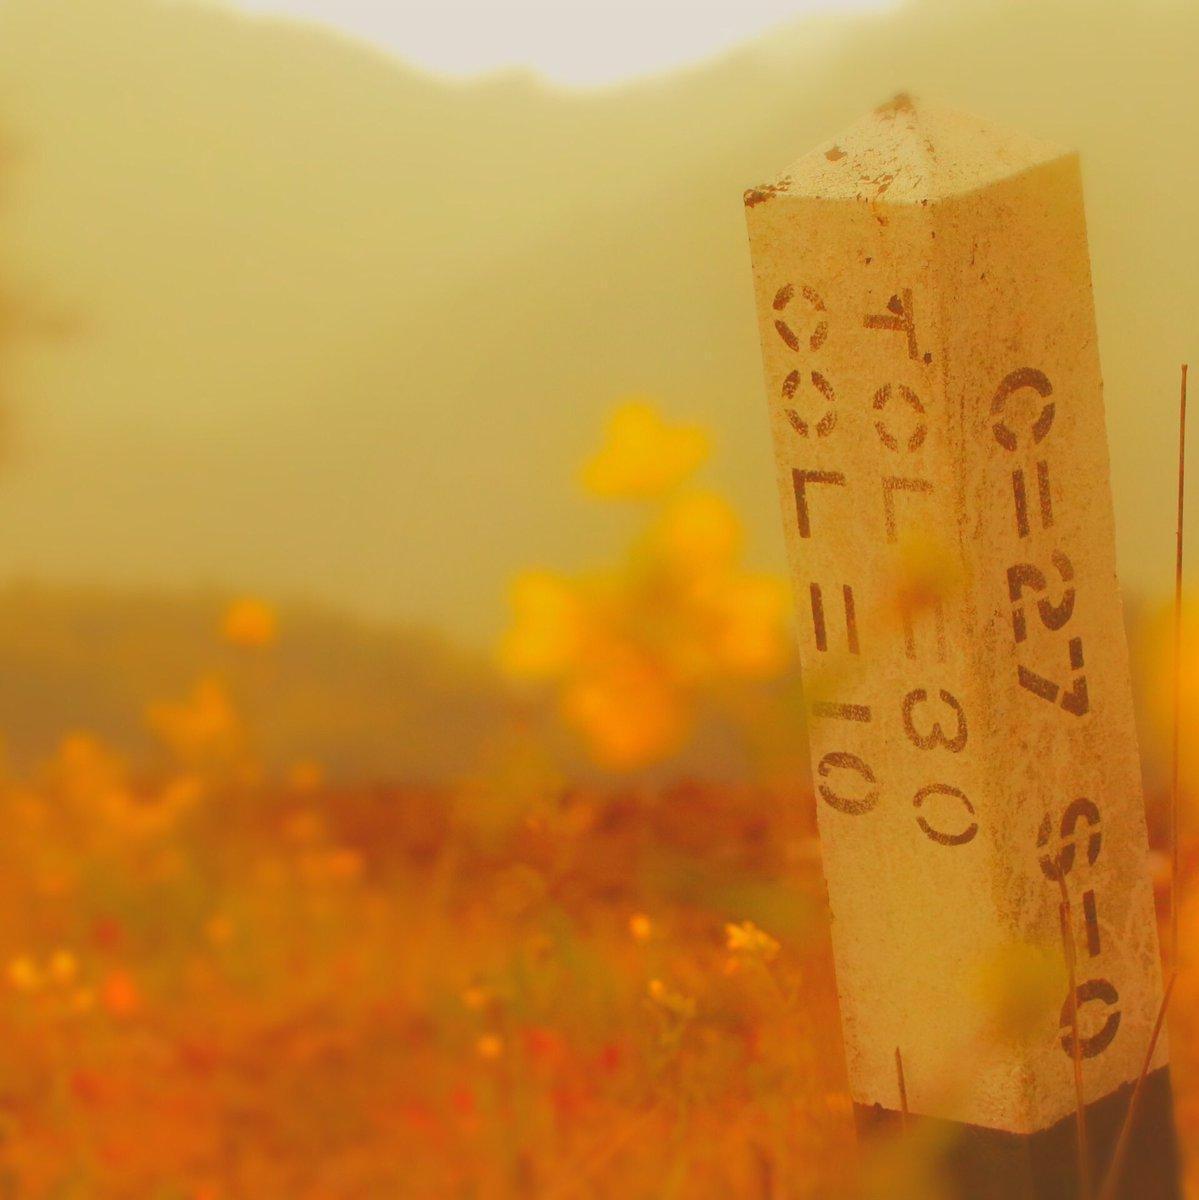 「春の線路際」  #旅 #旅行 #trip #travel #春 #Spring #鉄道風景 #鉄道写真 #ゆる鉄 #鉄子 #ファインダー越しの私の世界 #写真好きな人と繋がりたい #photography #photographer #ローカル線 https://t.co/rSlEOWVYxz